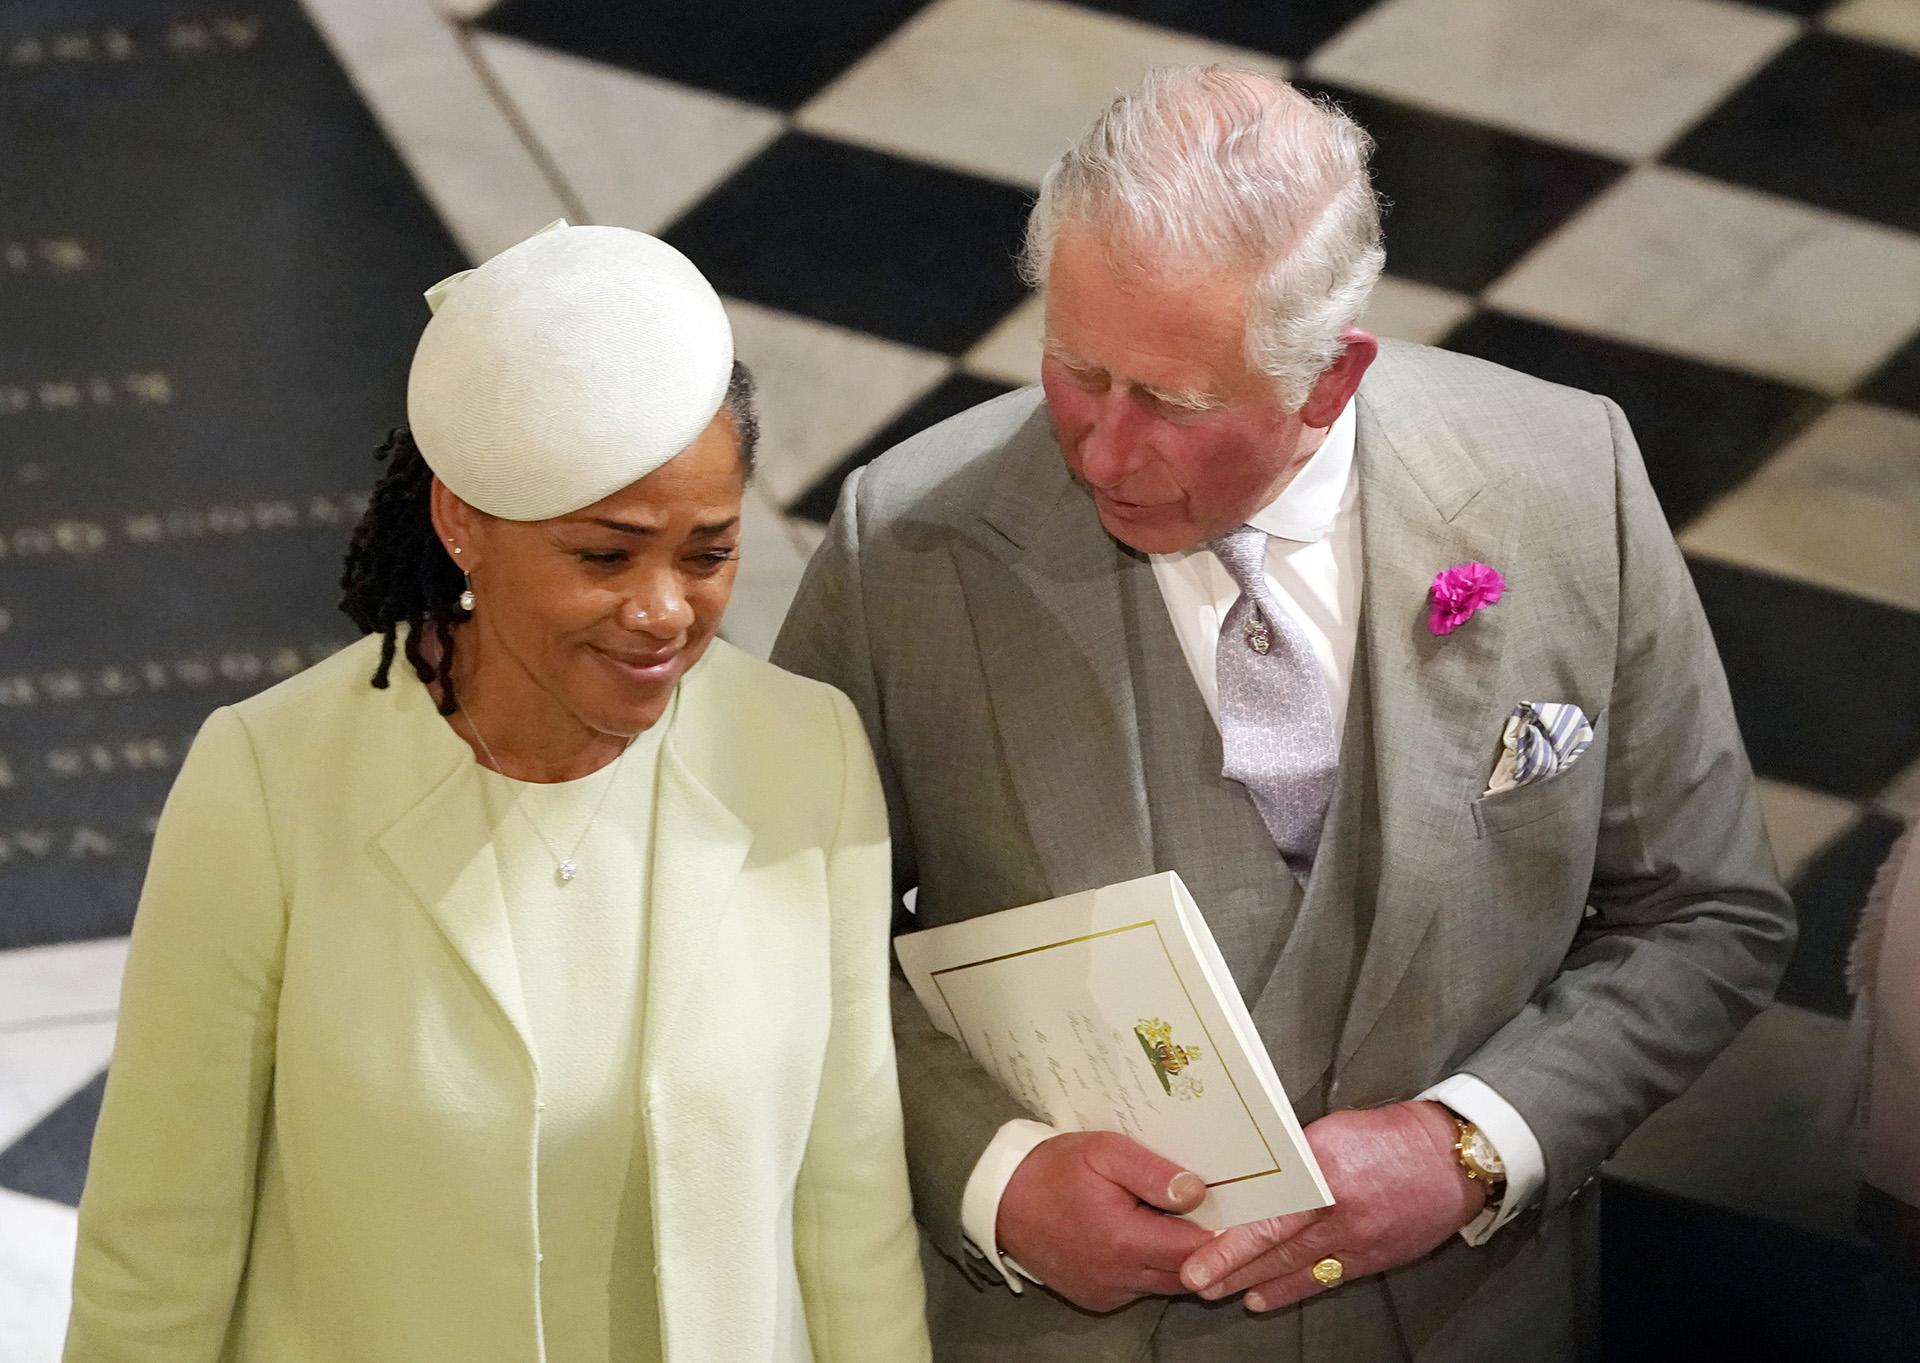 El padredel novio, el príncipe Carlos, y la madre de la novia, Doria Ragland, al finalizar la ceremonia (AFP)